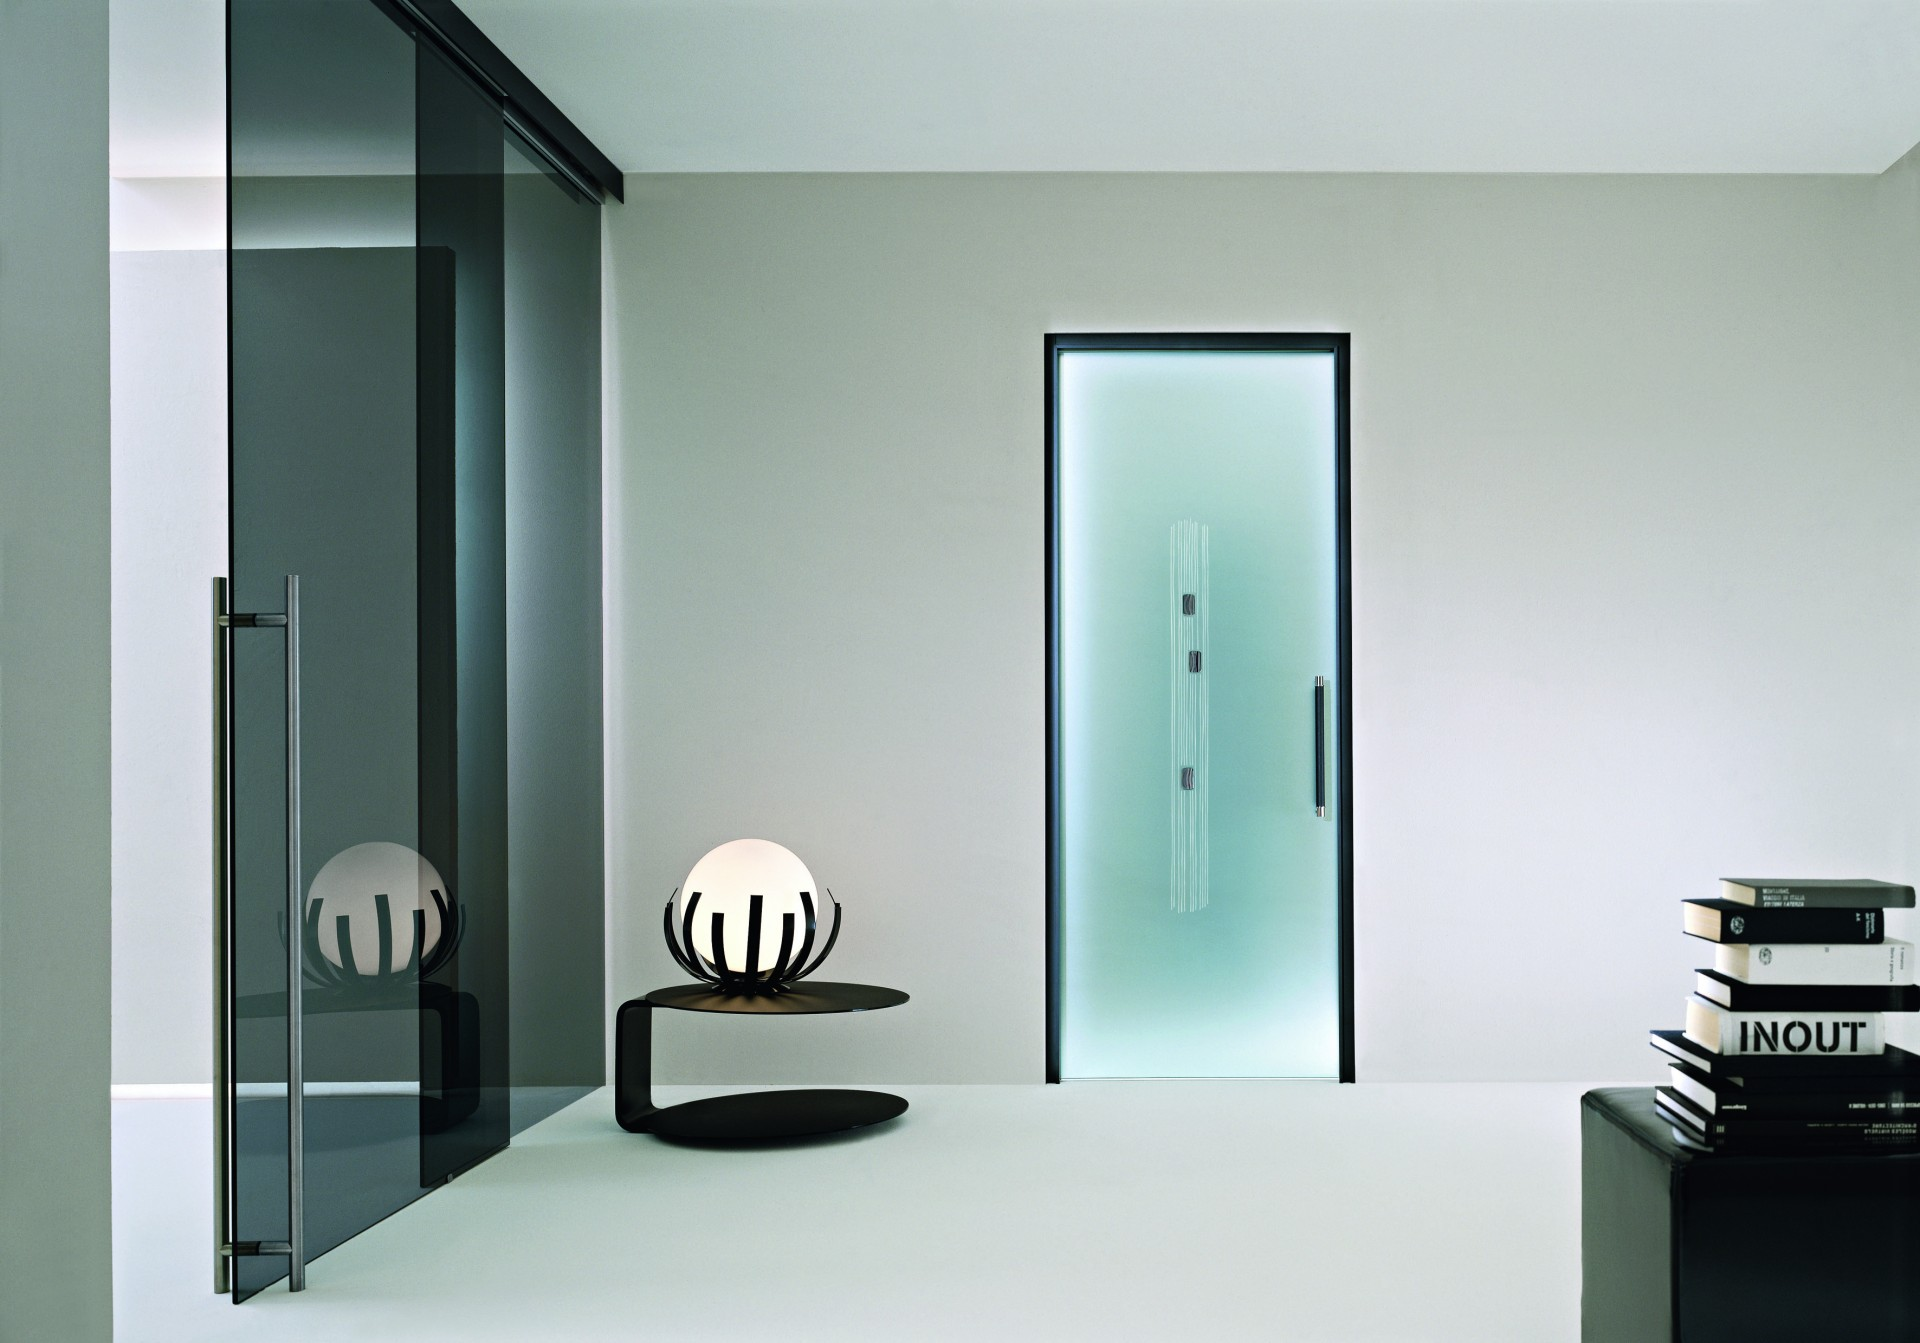 In vetro rr serramenti rovigo infissi e porte alluminio legno pvc - Porte interne alluminio e vetro ...